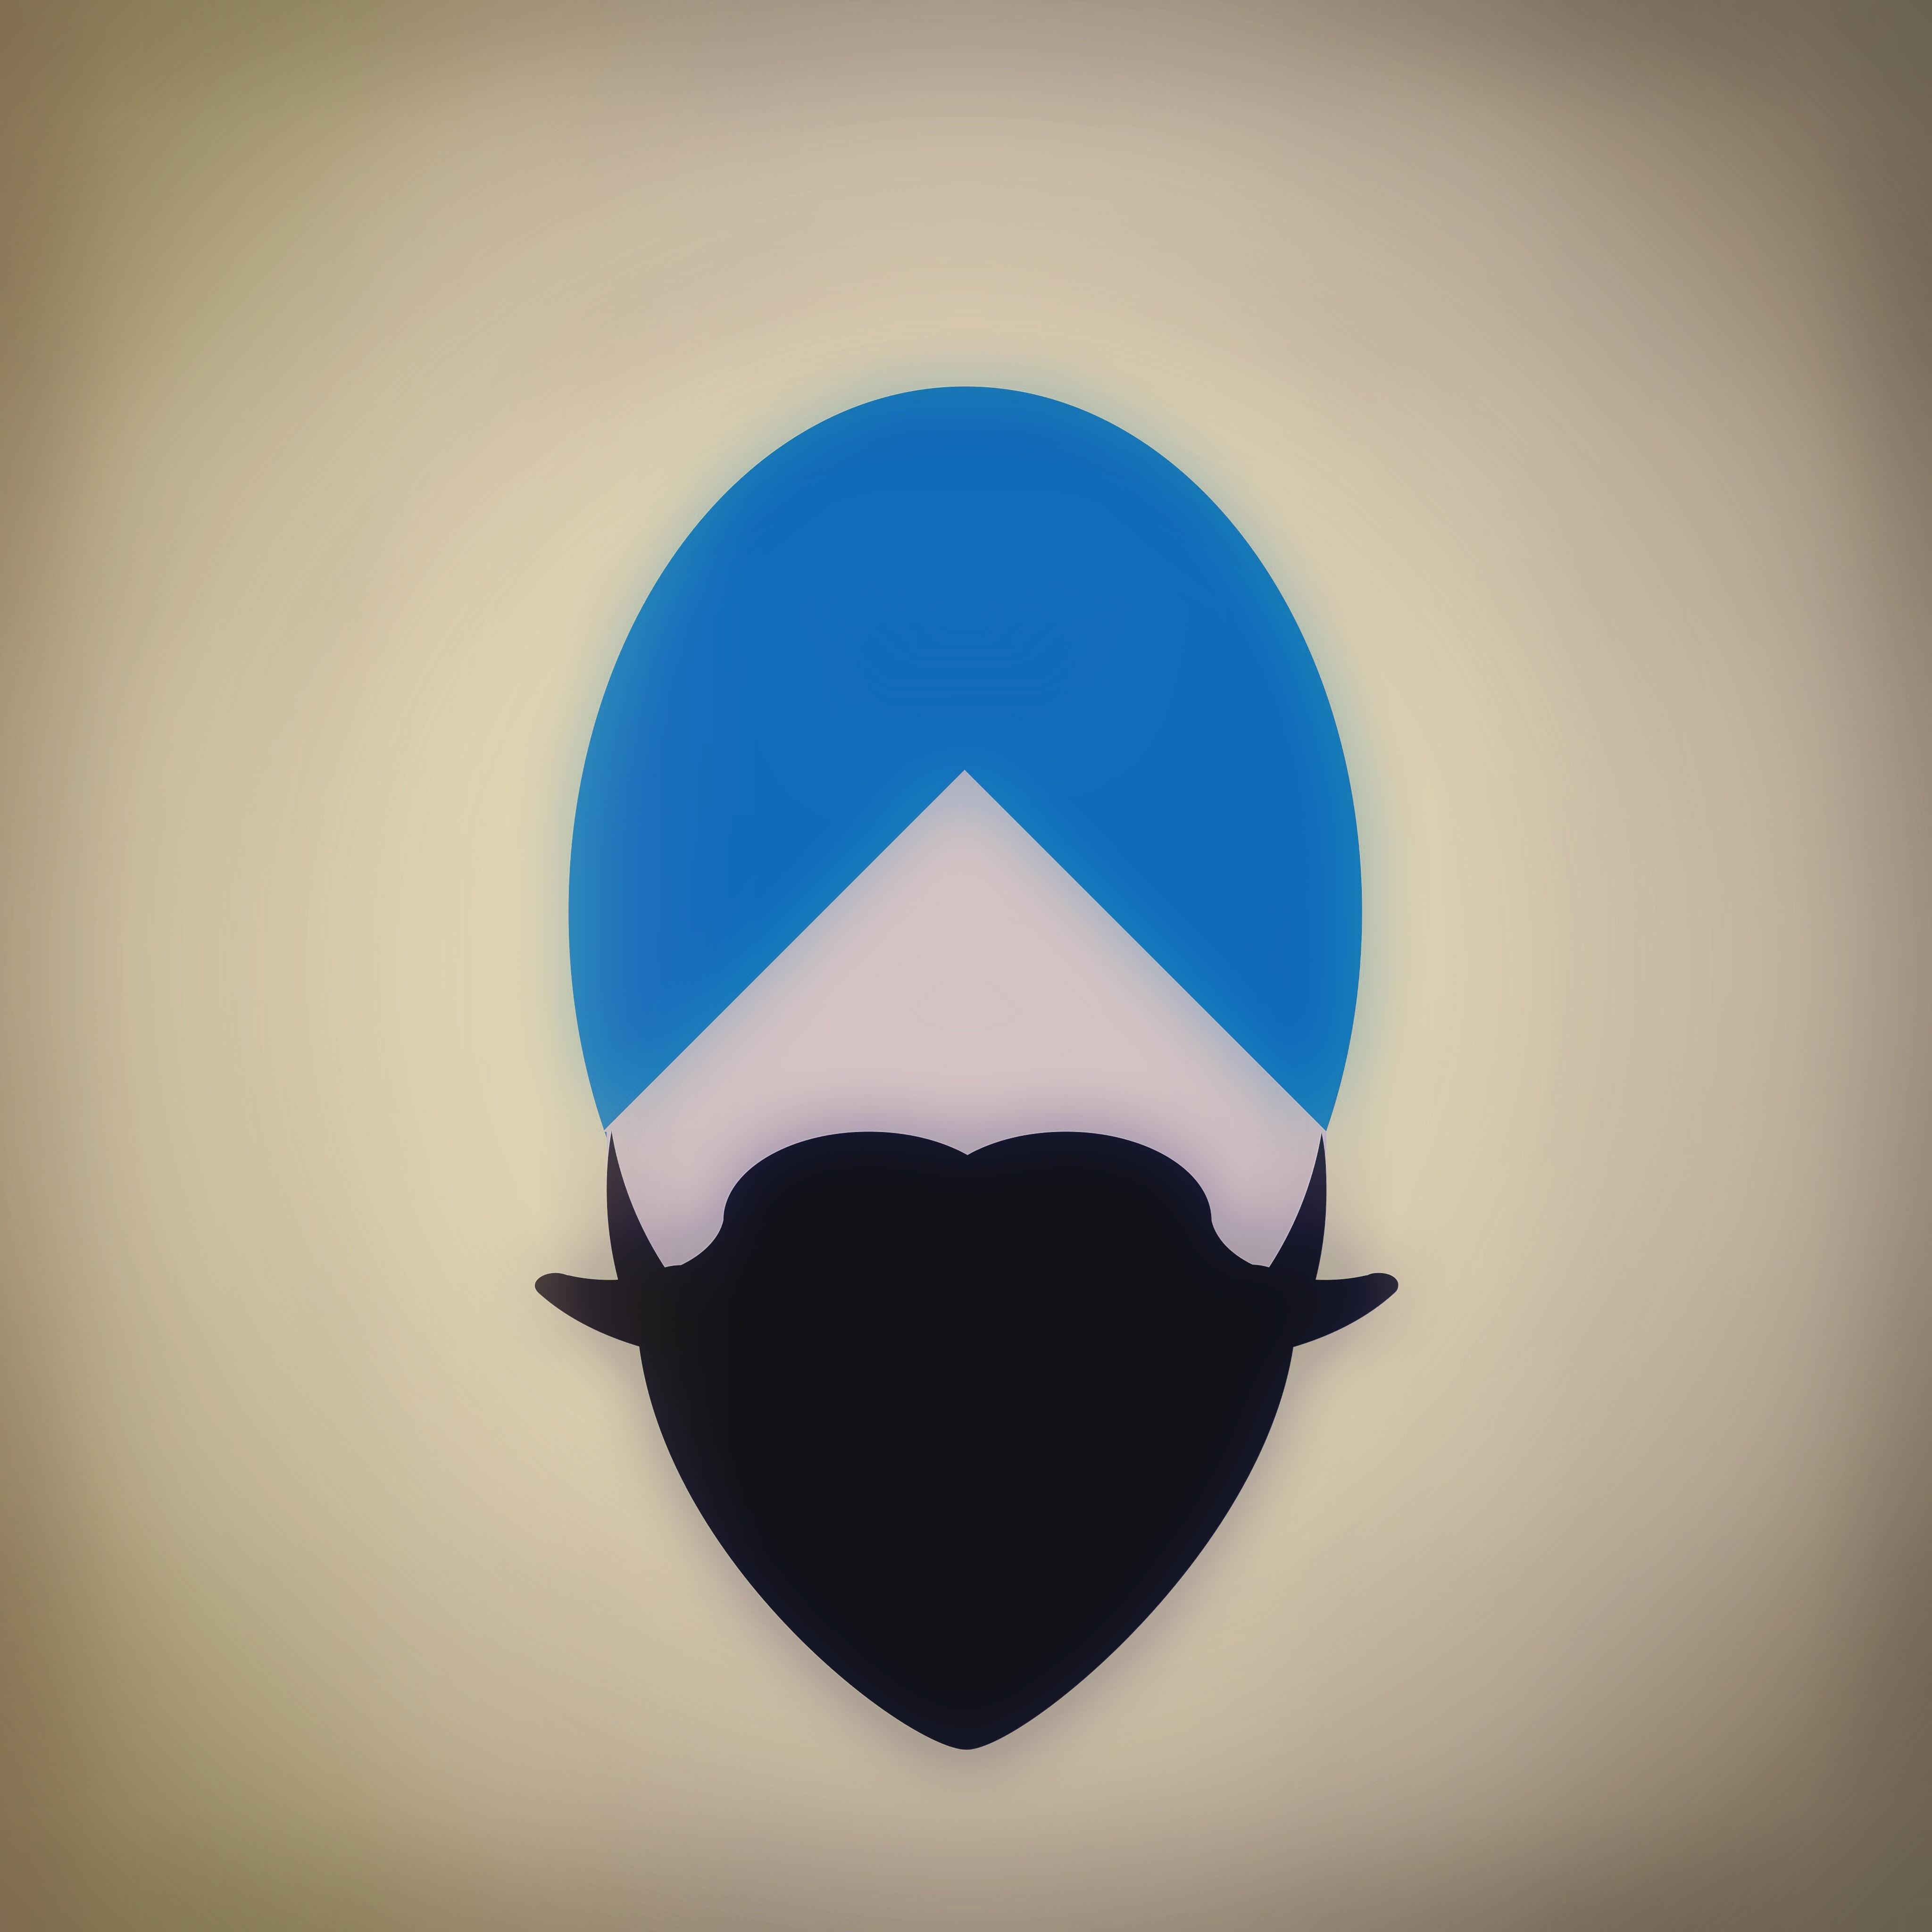 Jaskamal Sidhu